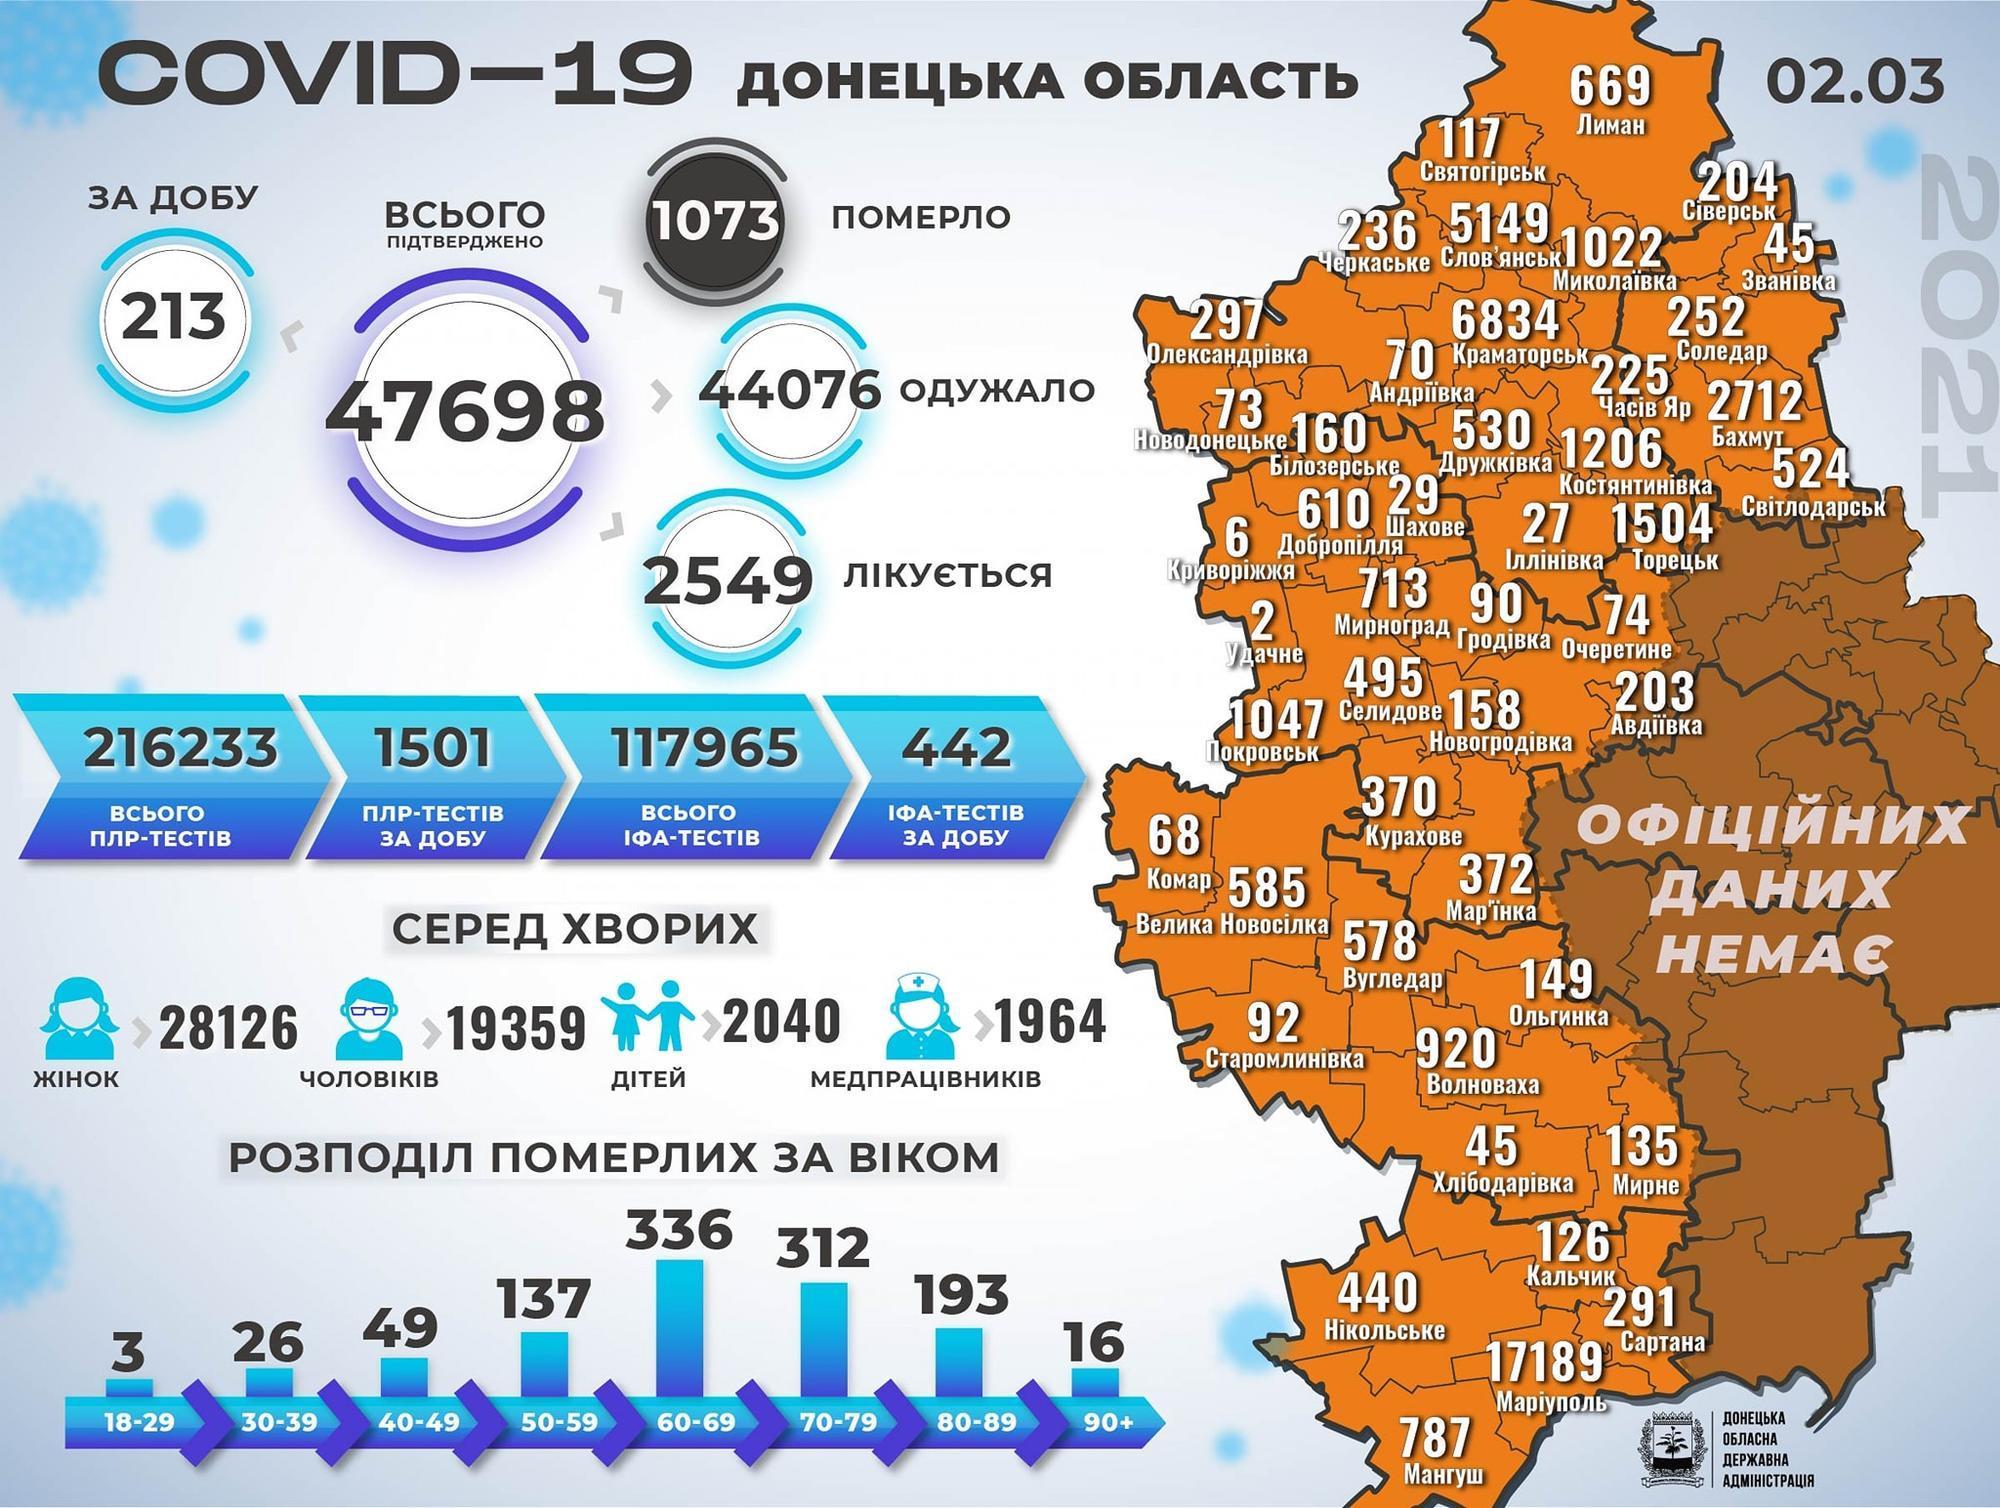 коронавирус на Донеччине на 3 марта инфографика